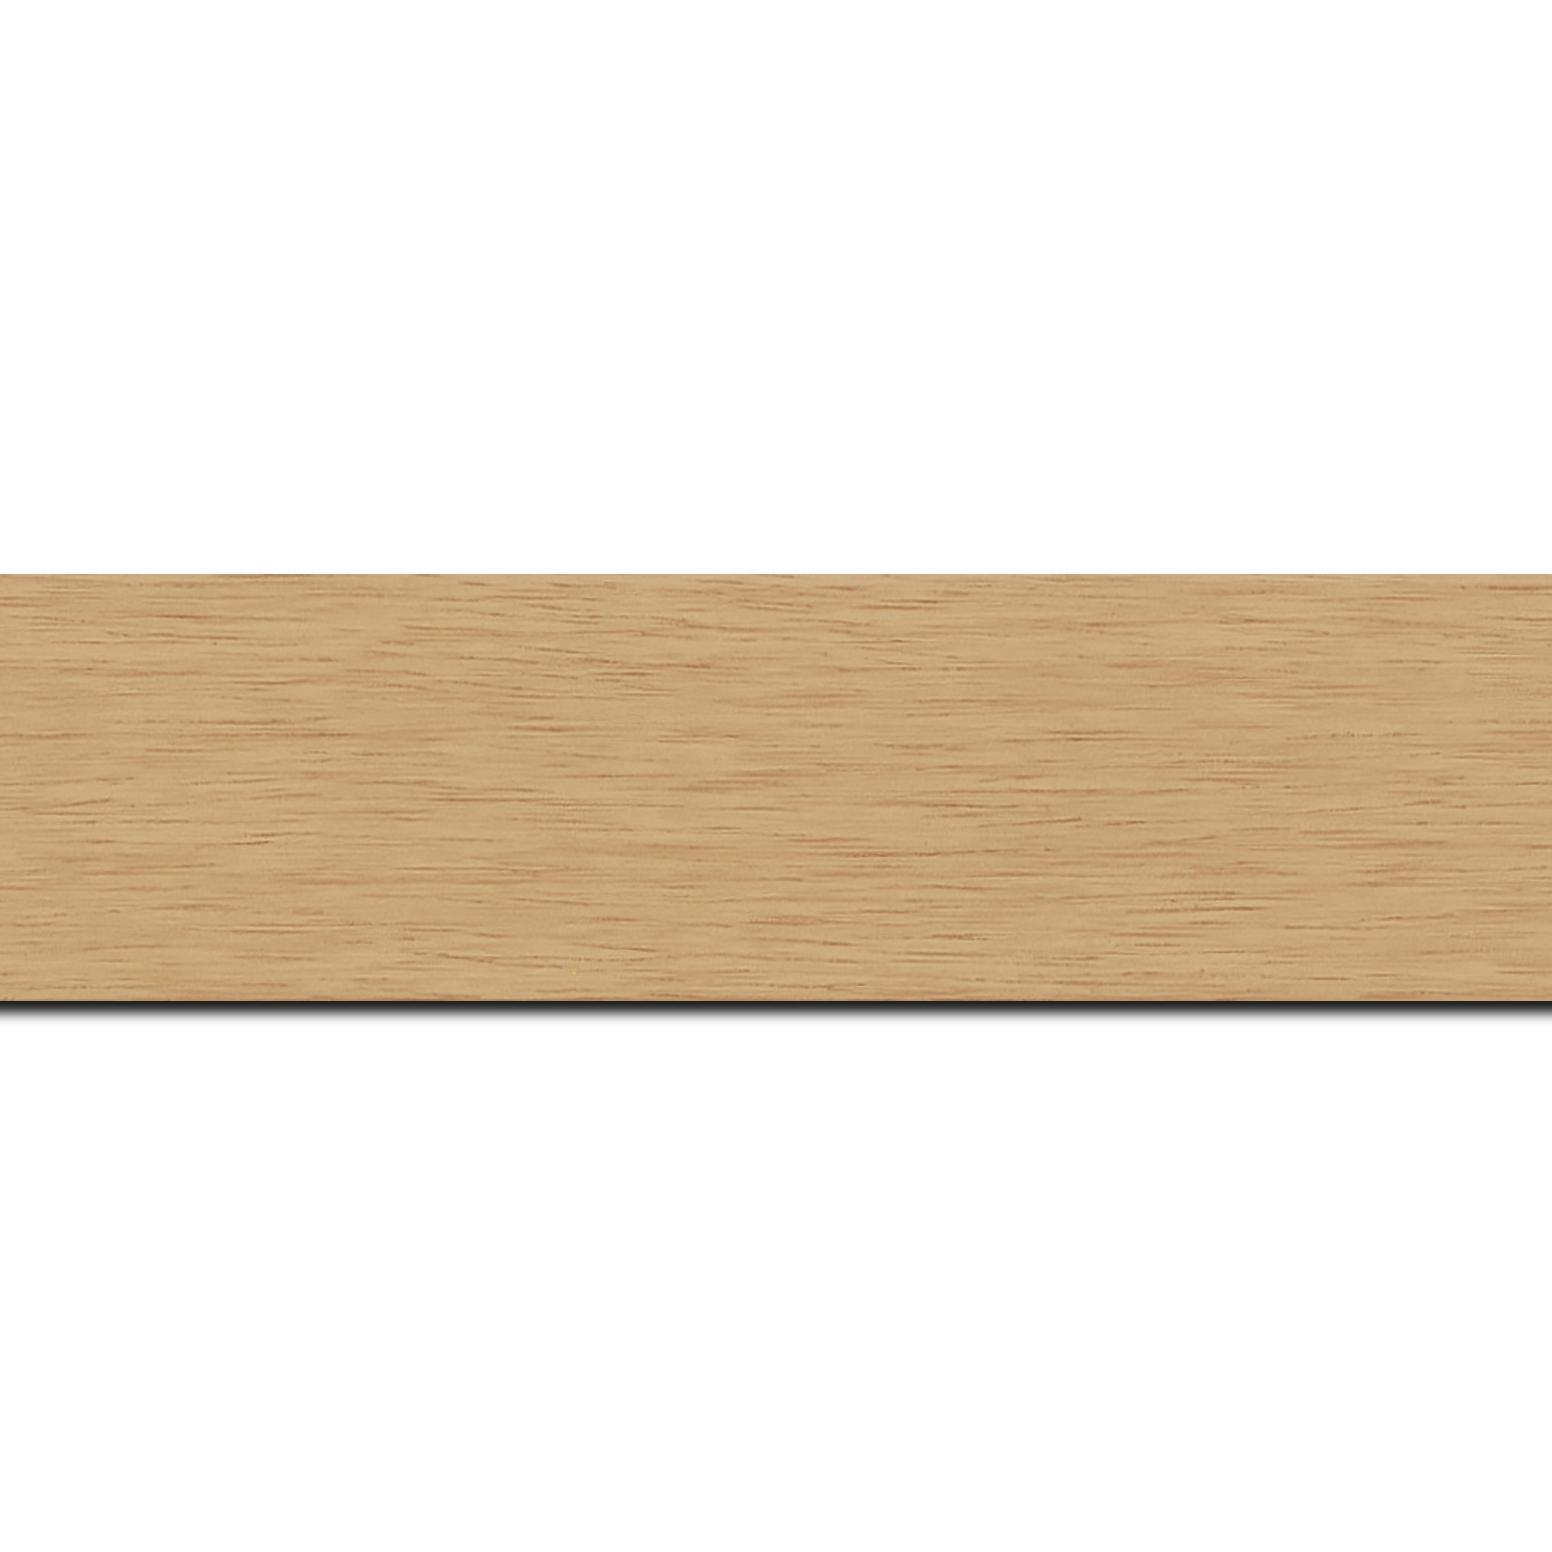 Baguette longueur 1.40m bois profil plat largeur 4.1cm couleur naturel satiné